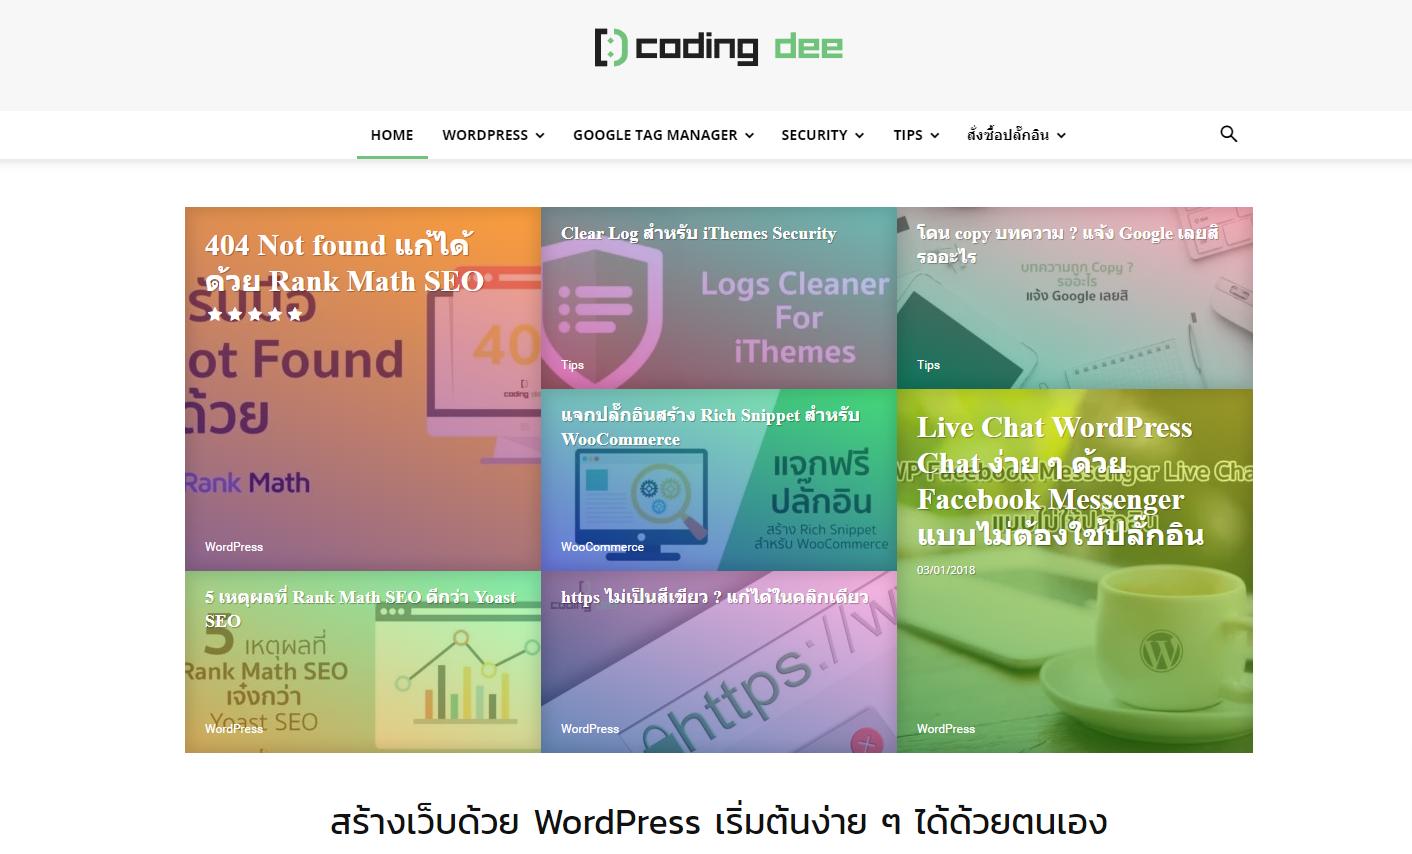 CodingDee com